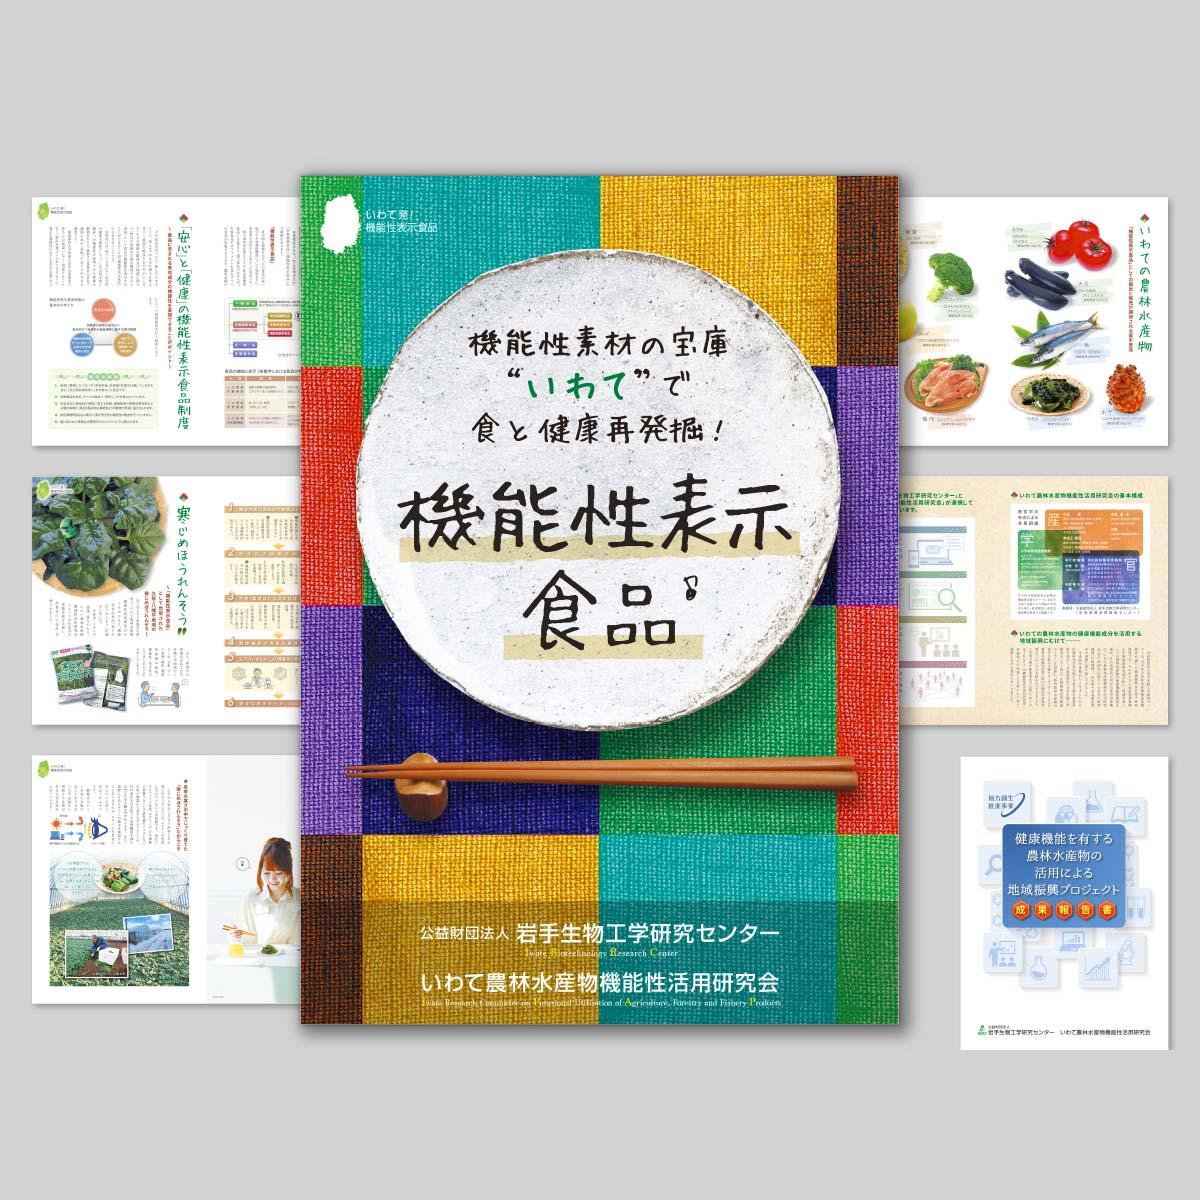 機能性表示食品(A5・12頁)/成果報告書(A4・60頁)